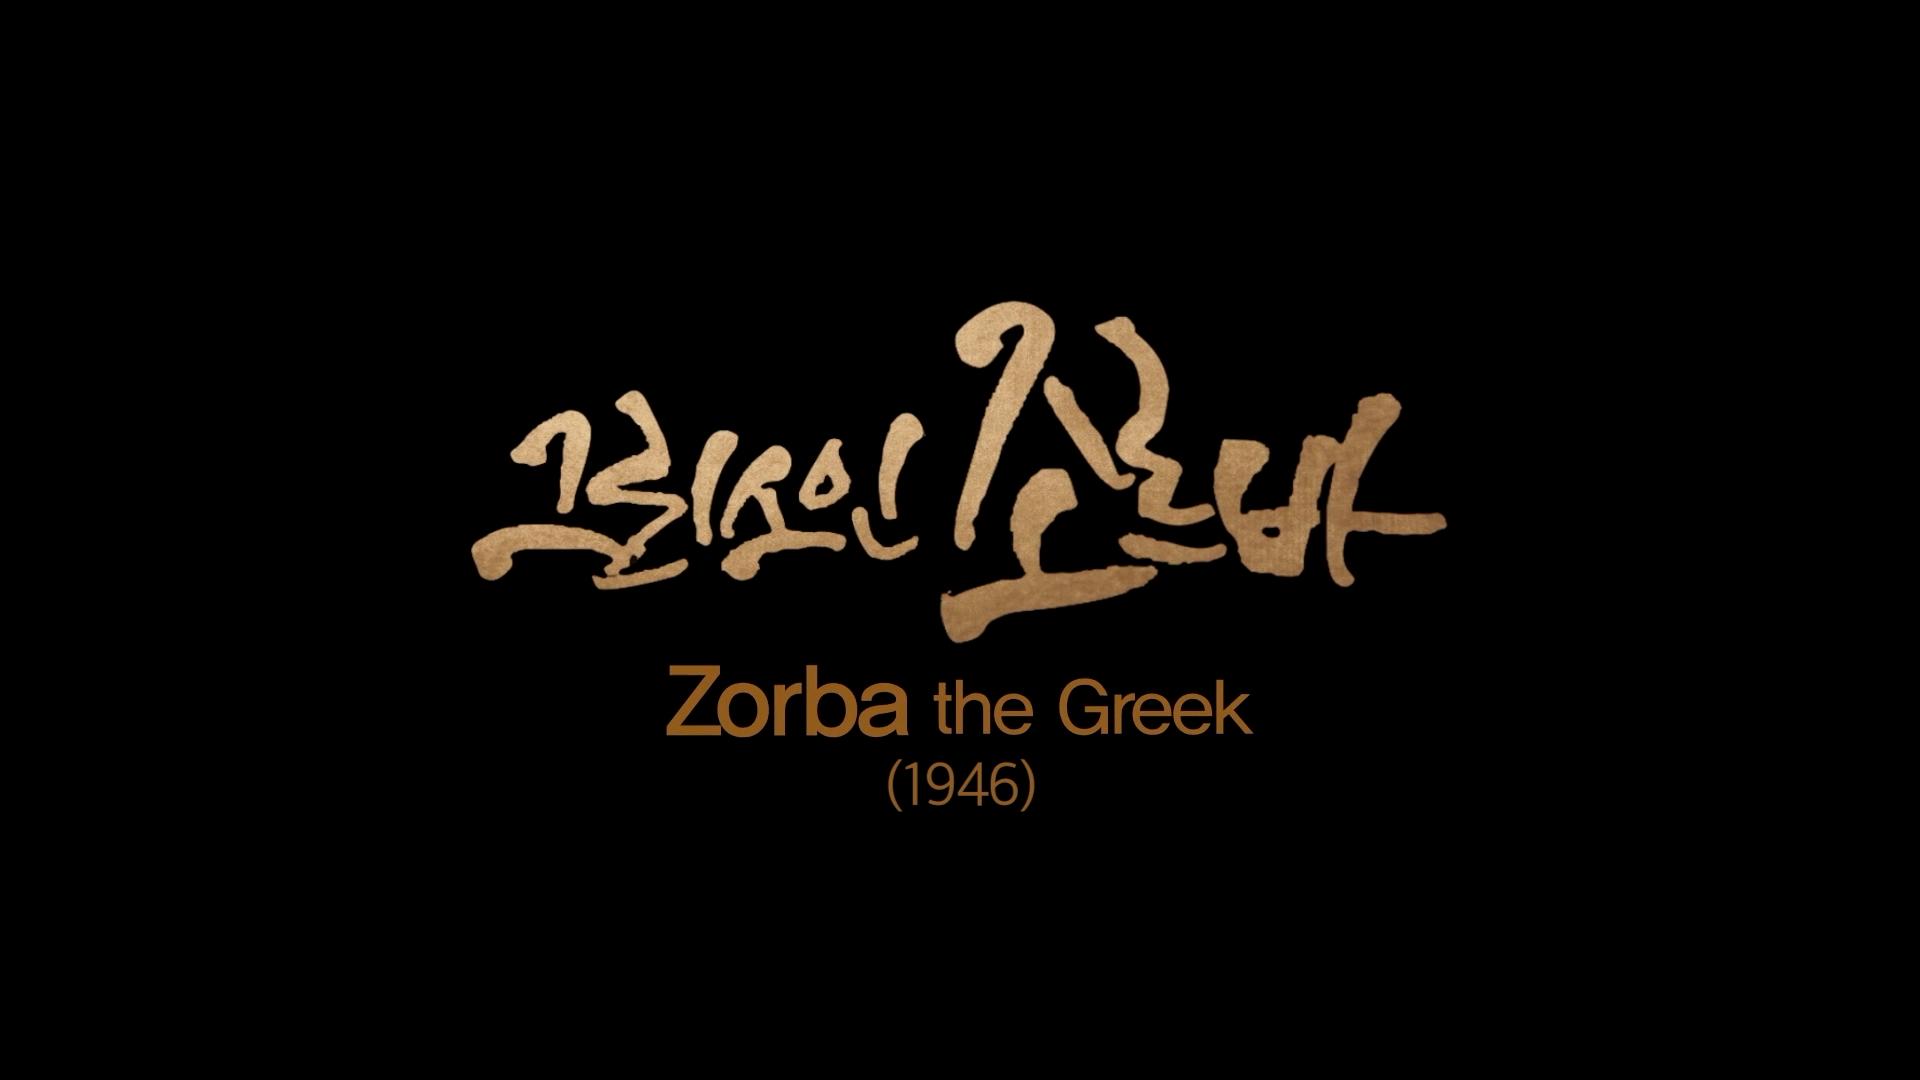 그리스인 조르바